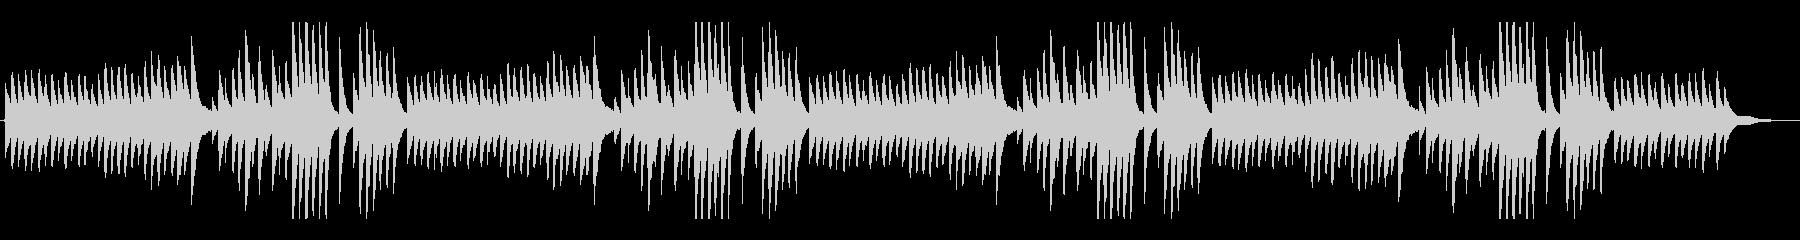 「この道」シンプルなジャズピアノアレンジの未再生の波形